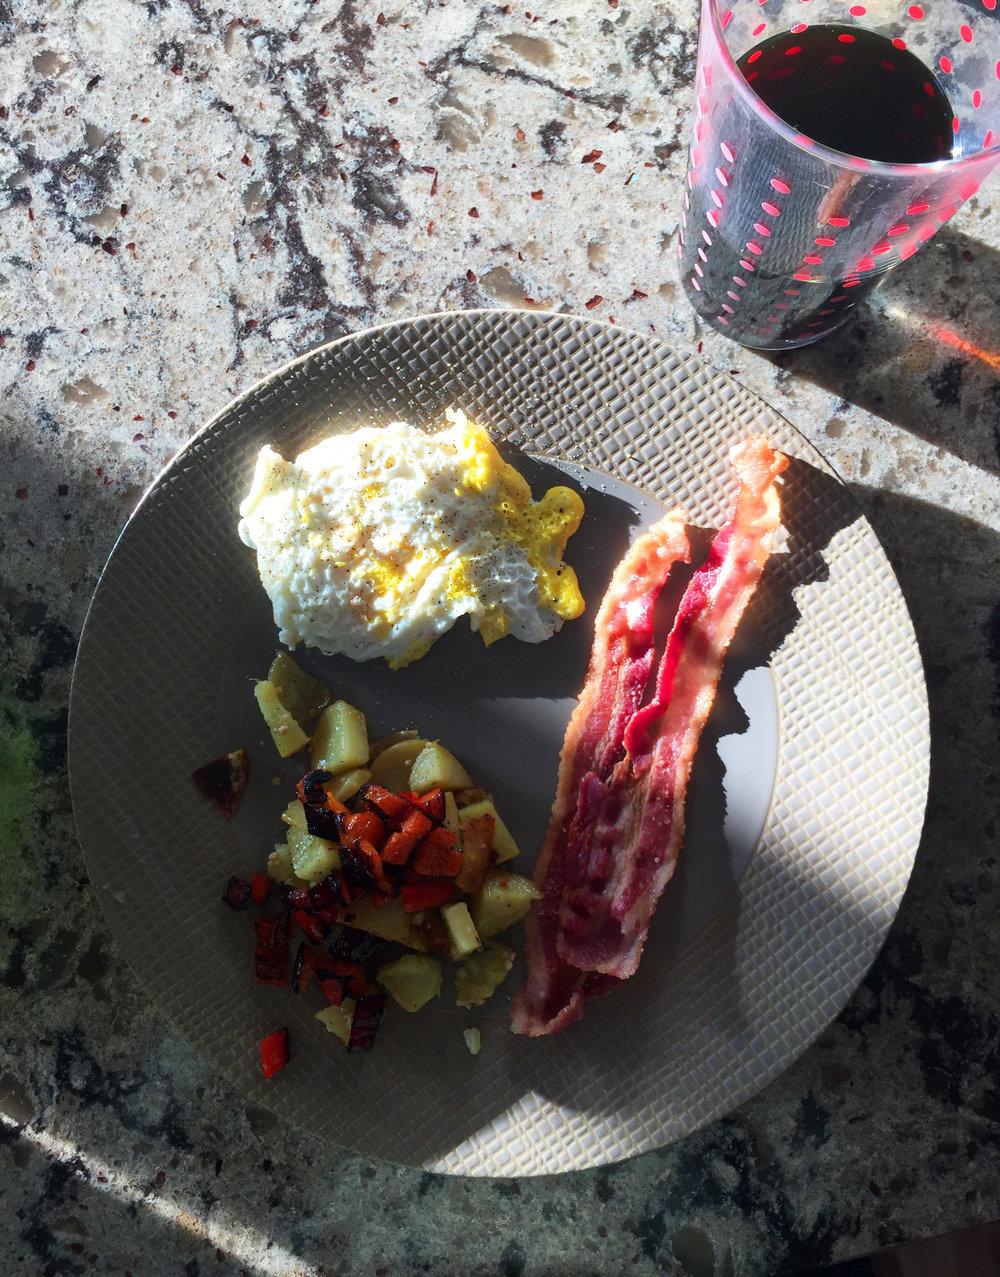 2018 04 16 Breakfast.jpg